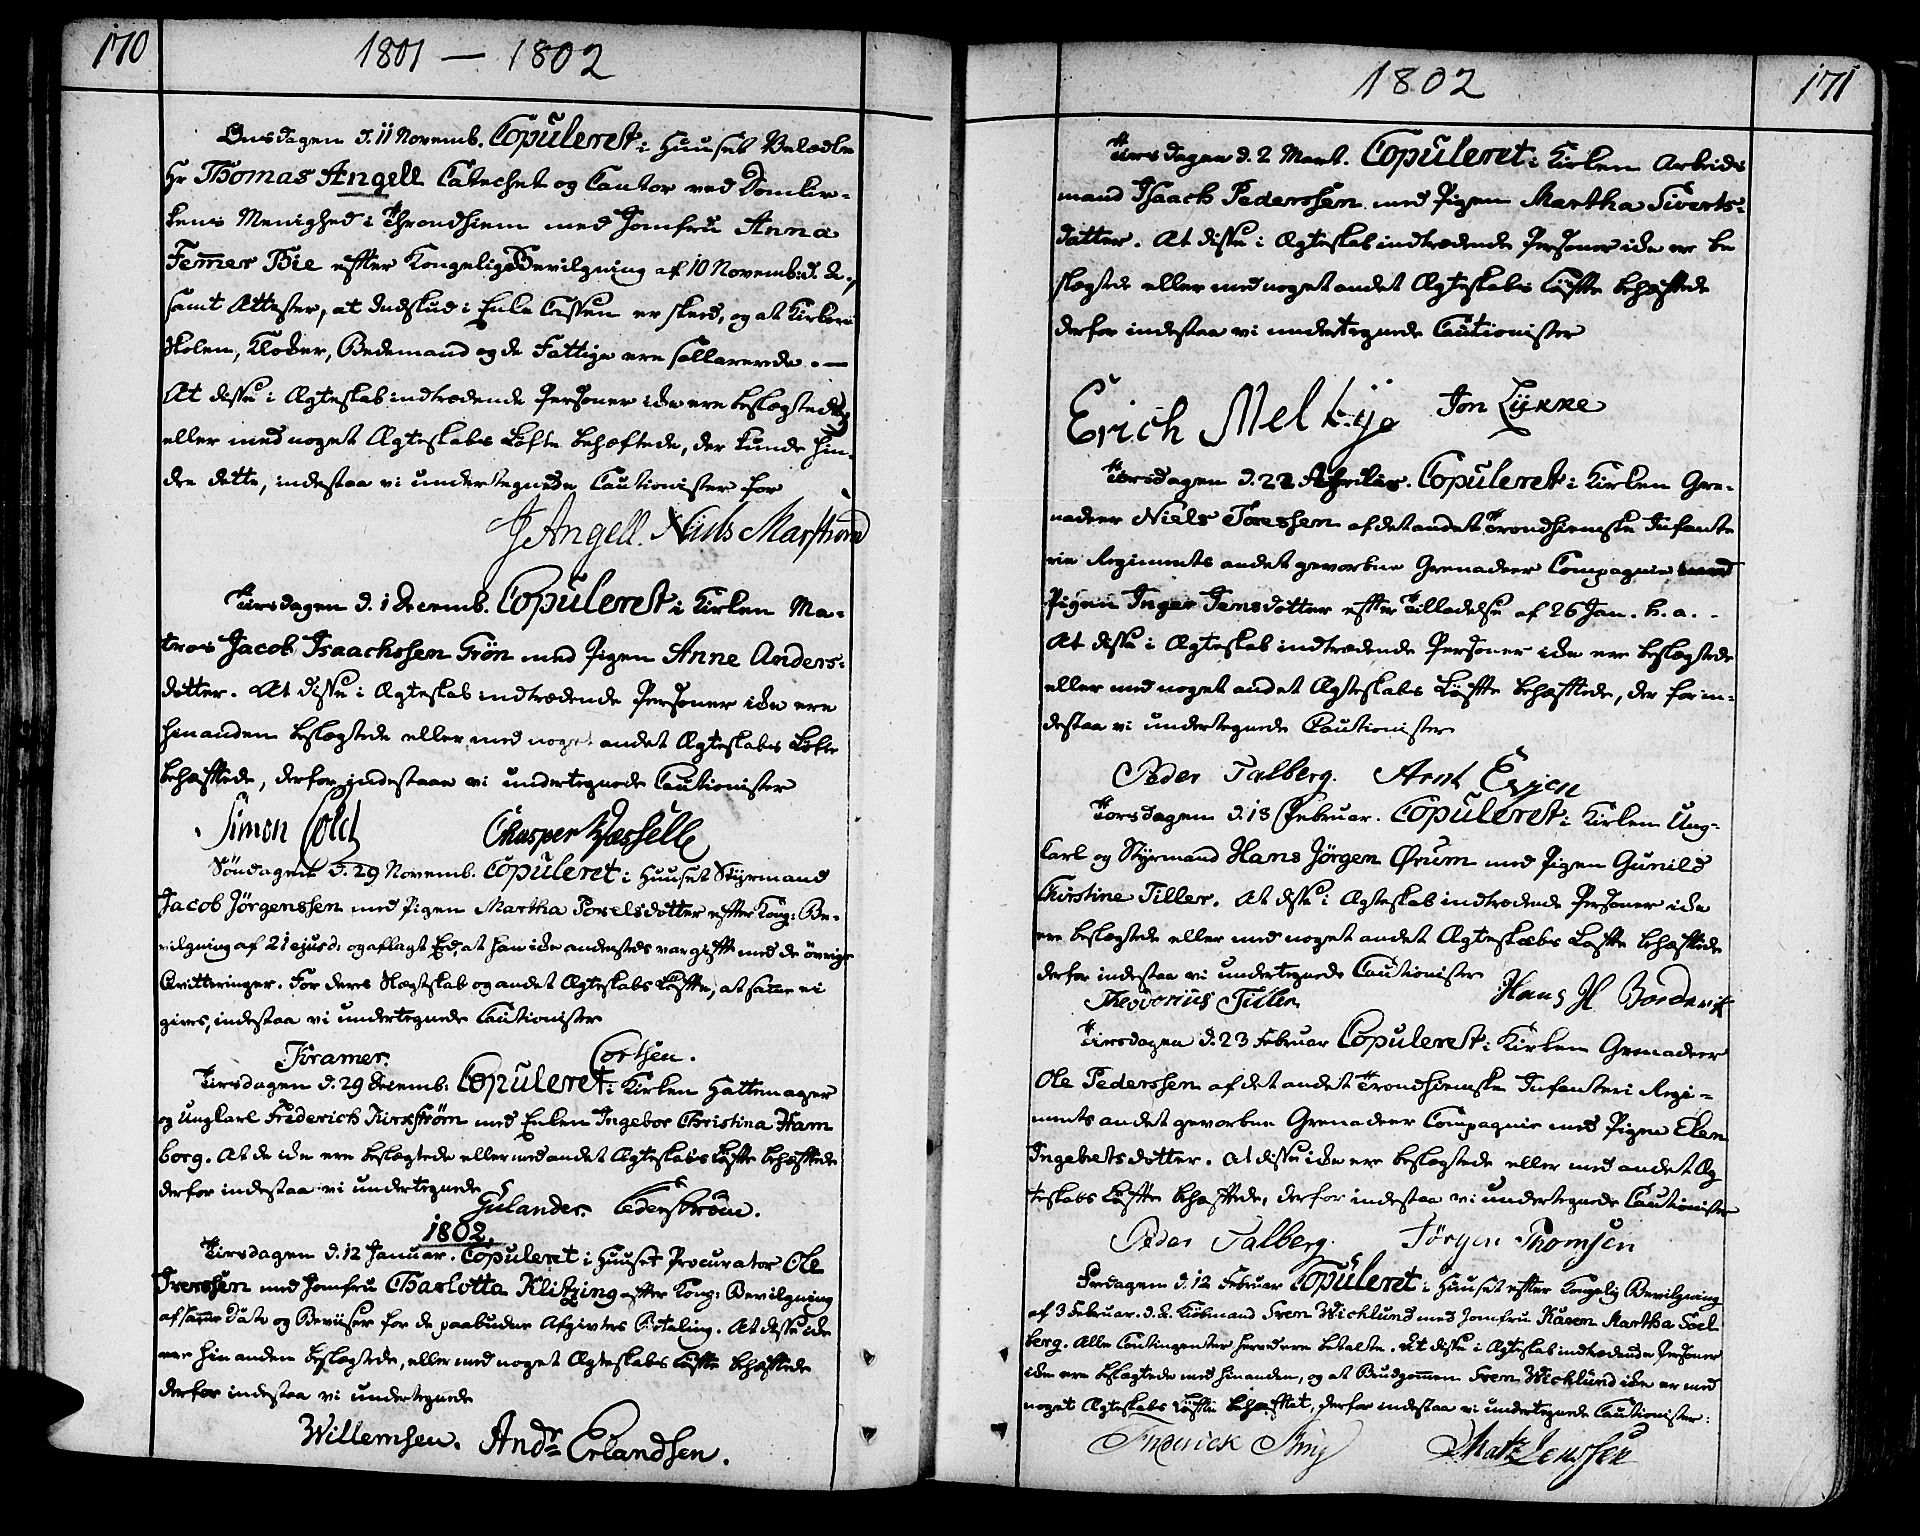 SAT, Ministerialprotokoller, klokkerbøker og fødselsregistre - Sør-Trøndelag, 602/L0105: Ministerialbok nr. 602A03, 1774-1814, s. 170-171